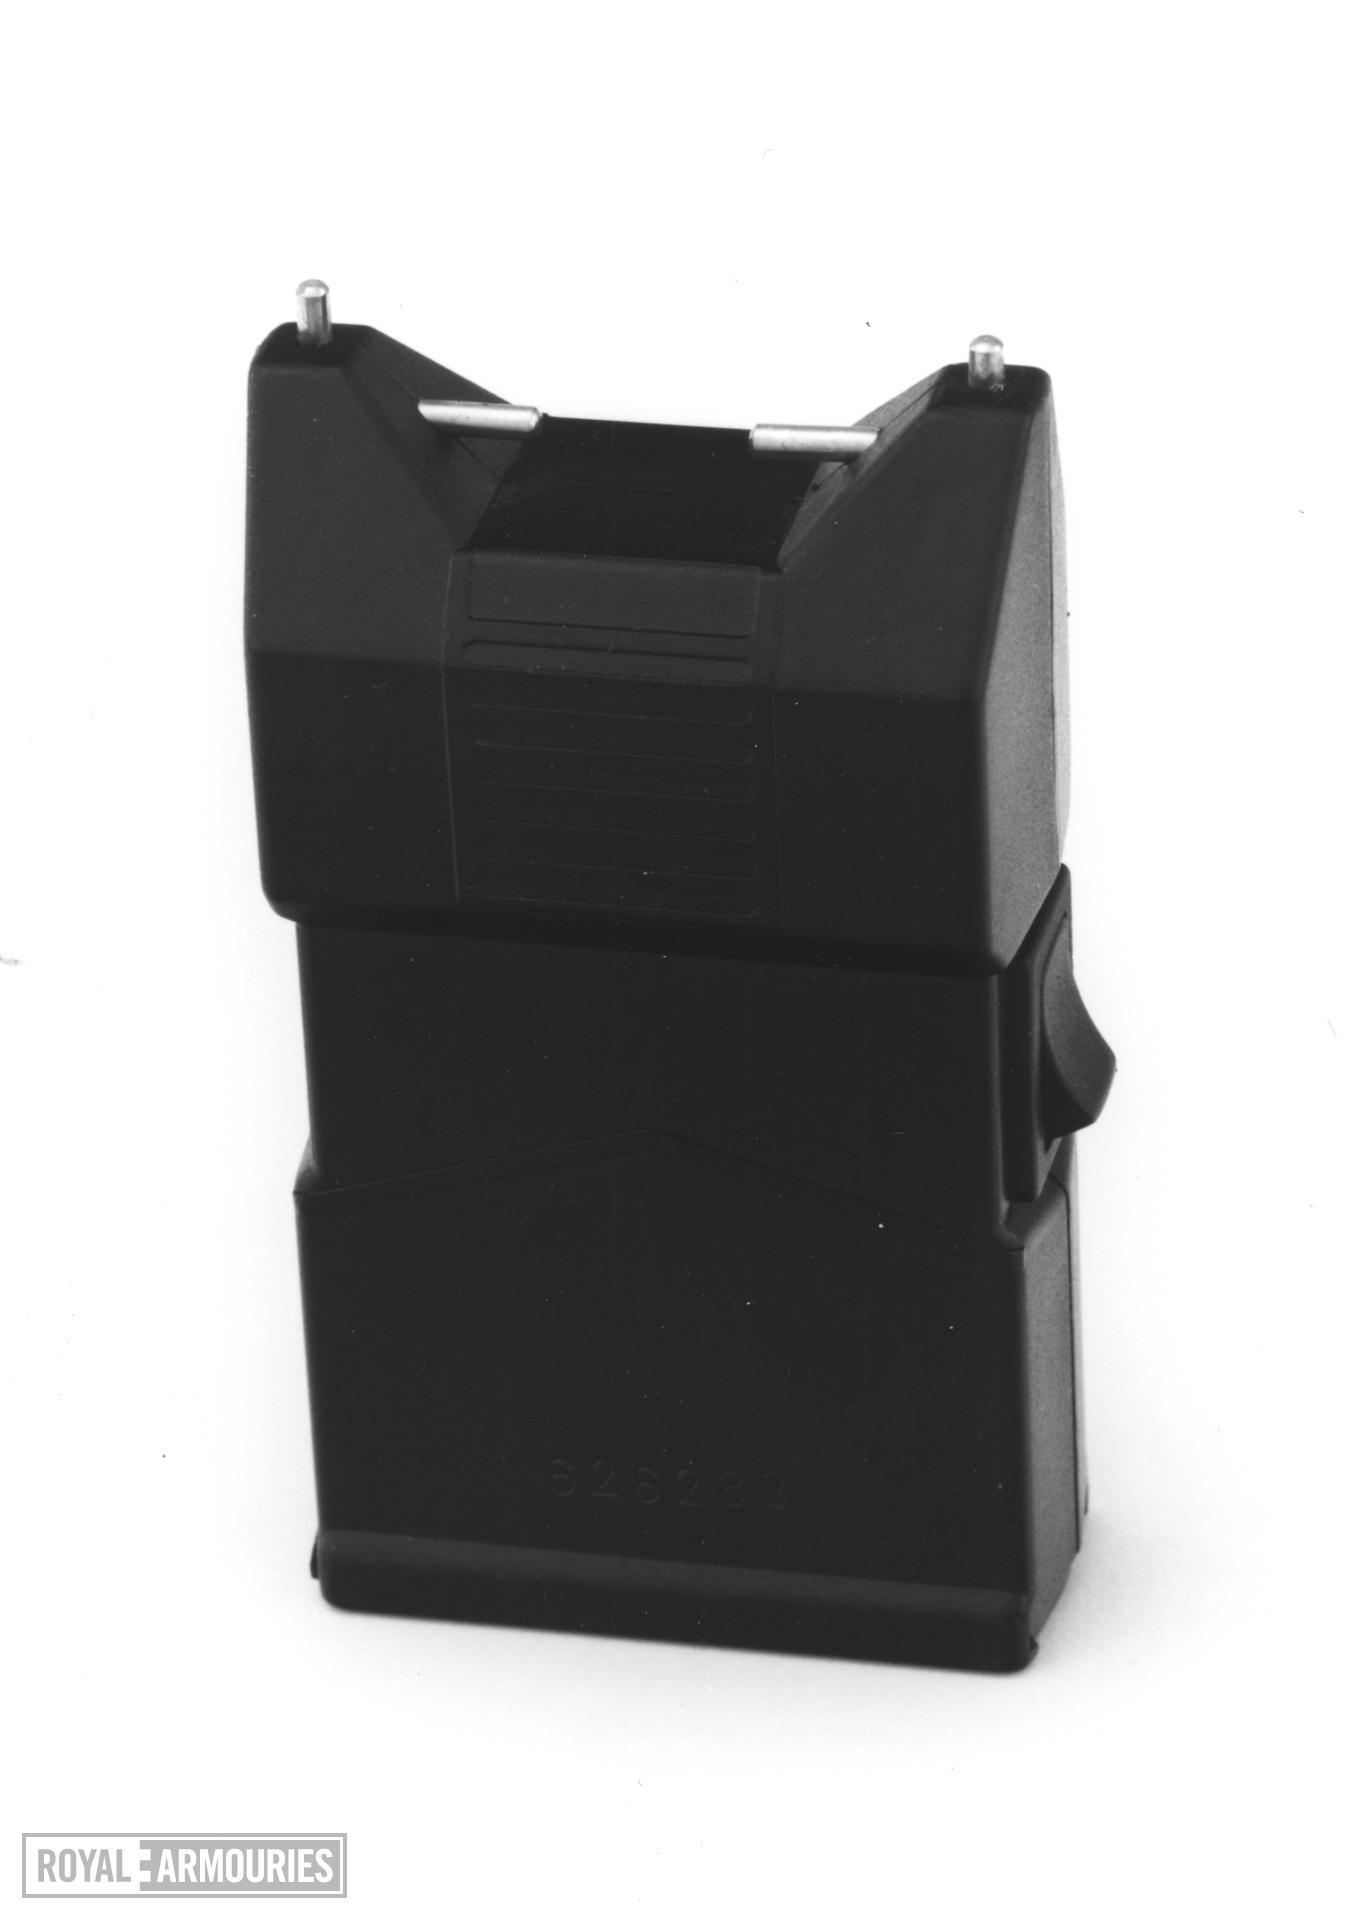 Electroshock device Stun gun